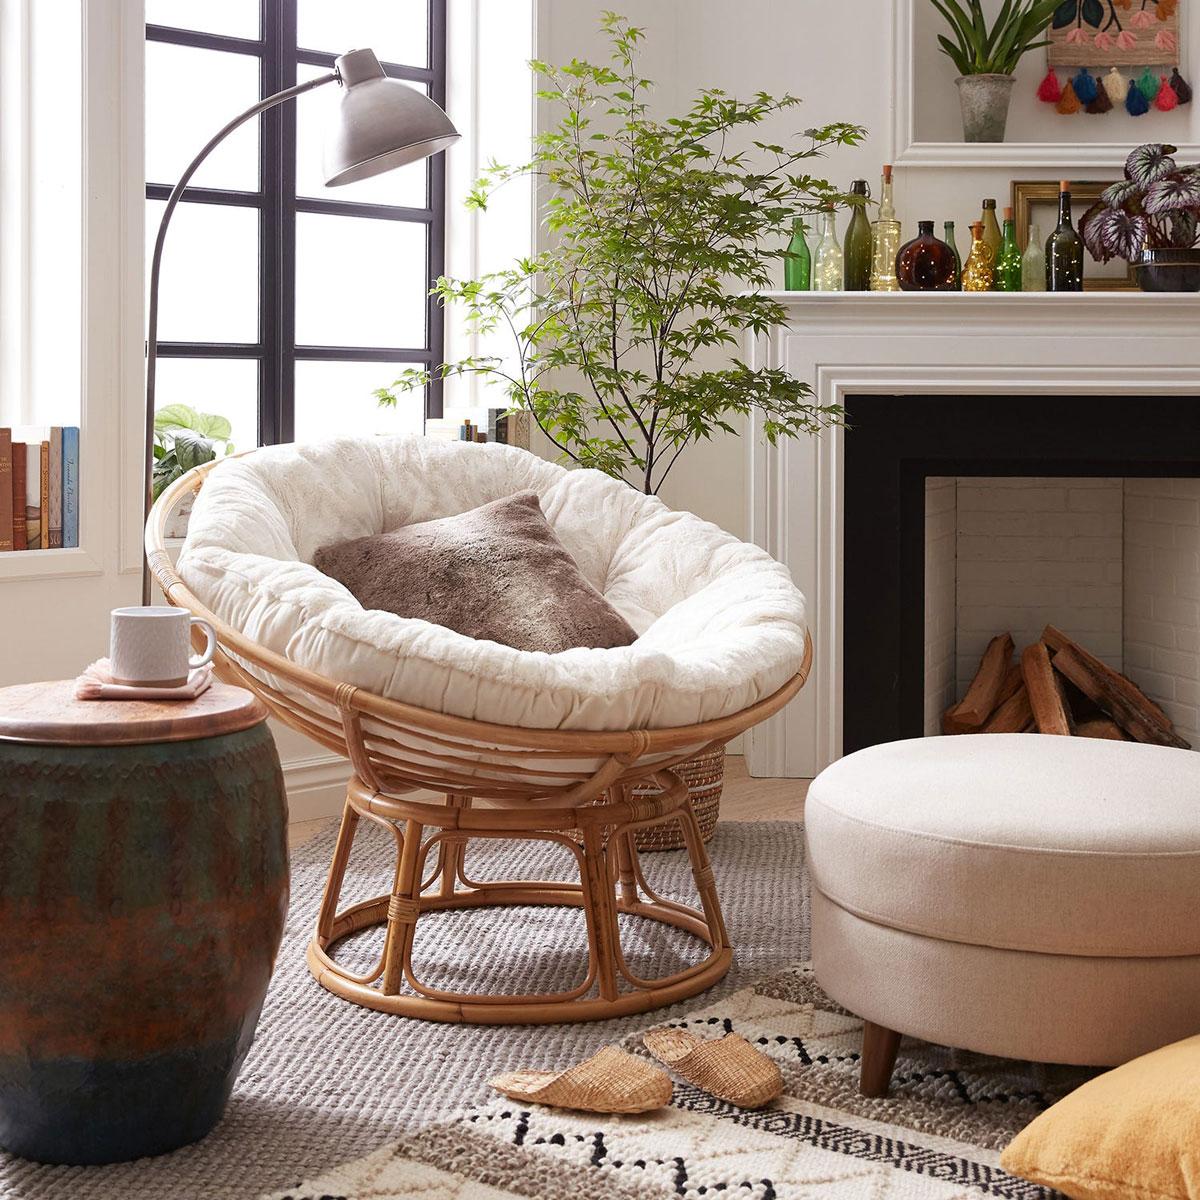 fauteuil papasan 4 modeles pour des moments cocooning a souhait